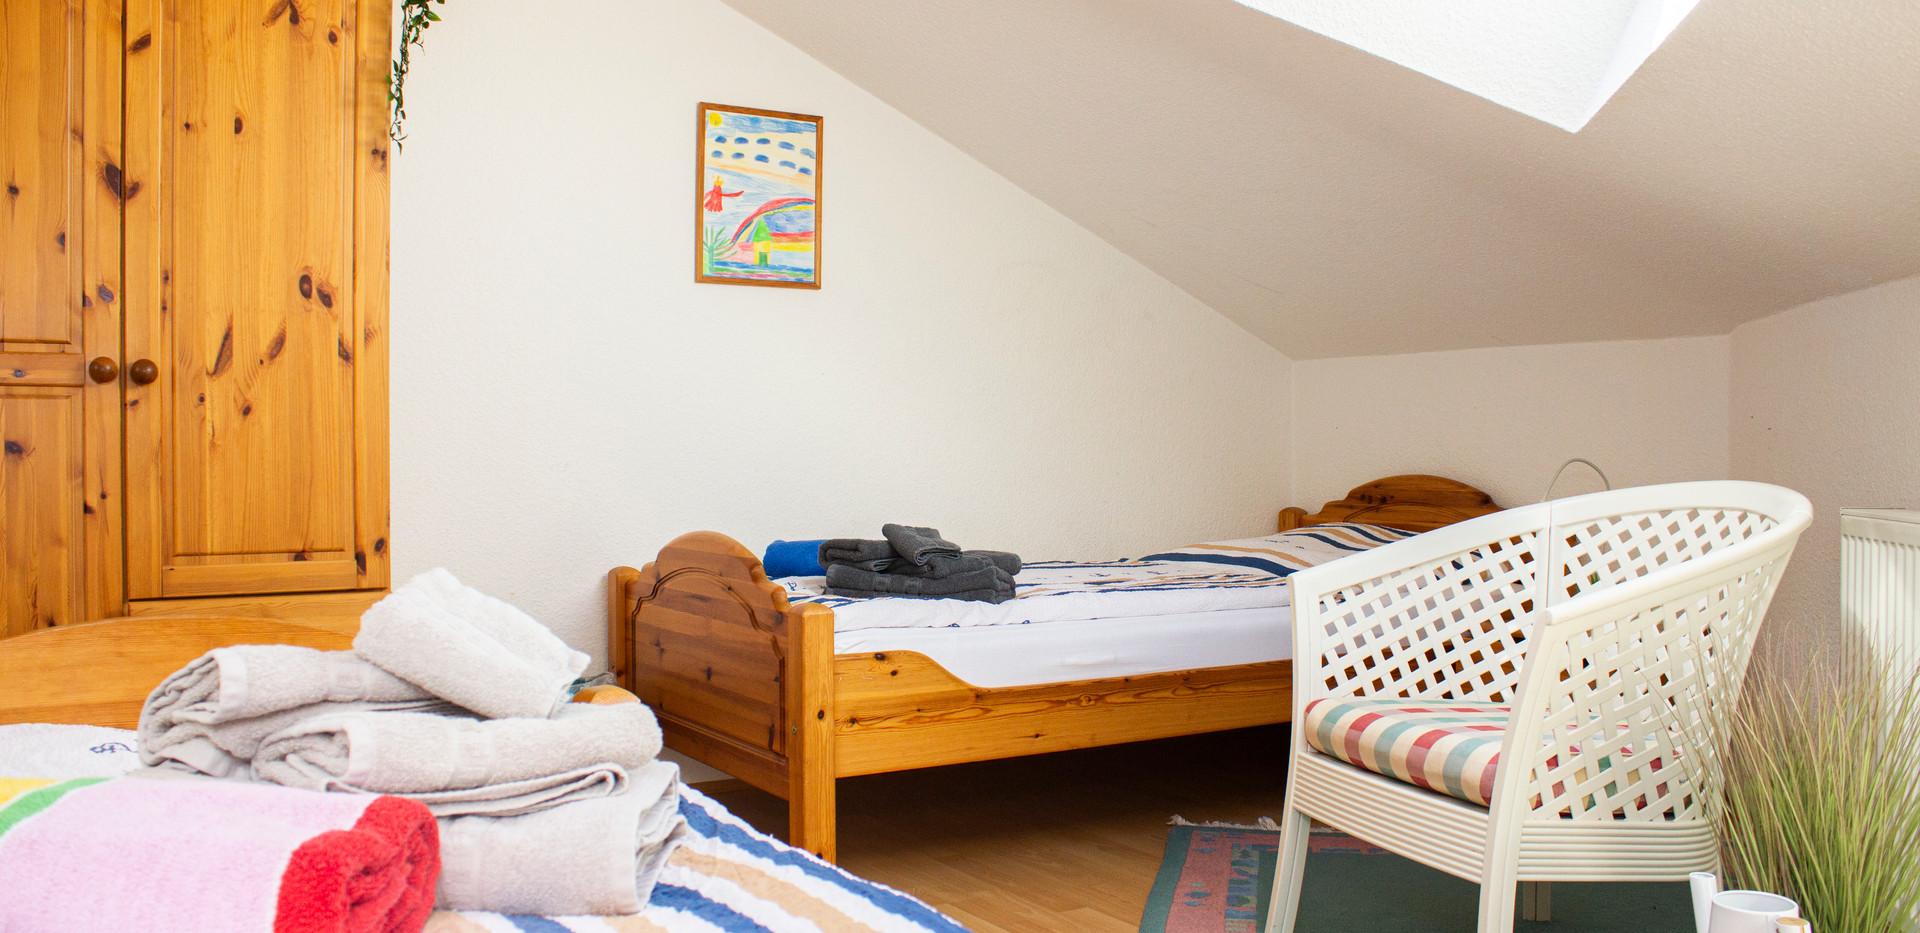 Schlafzimmer 3 von 3 - oben